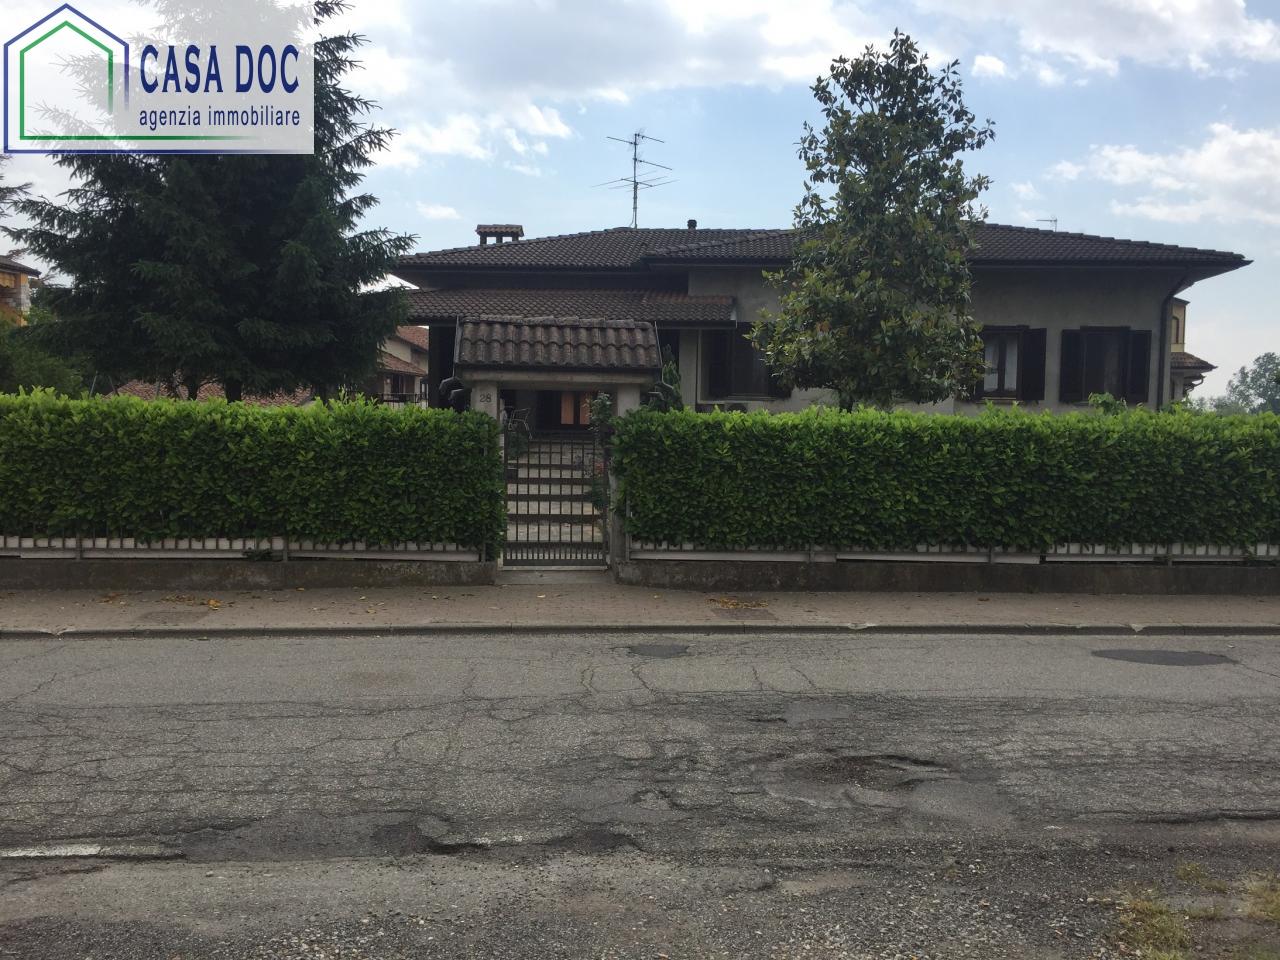 Villa in vendita a Marzano, 5 locali, prezzo € 245.000 | Cambio Casa.it